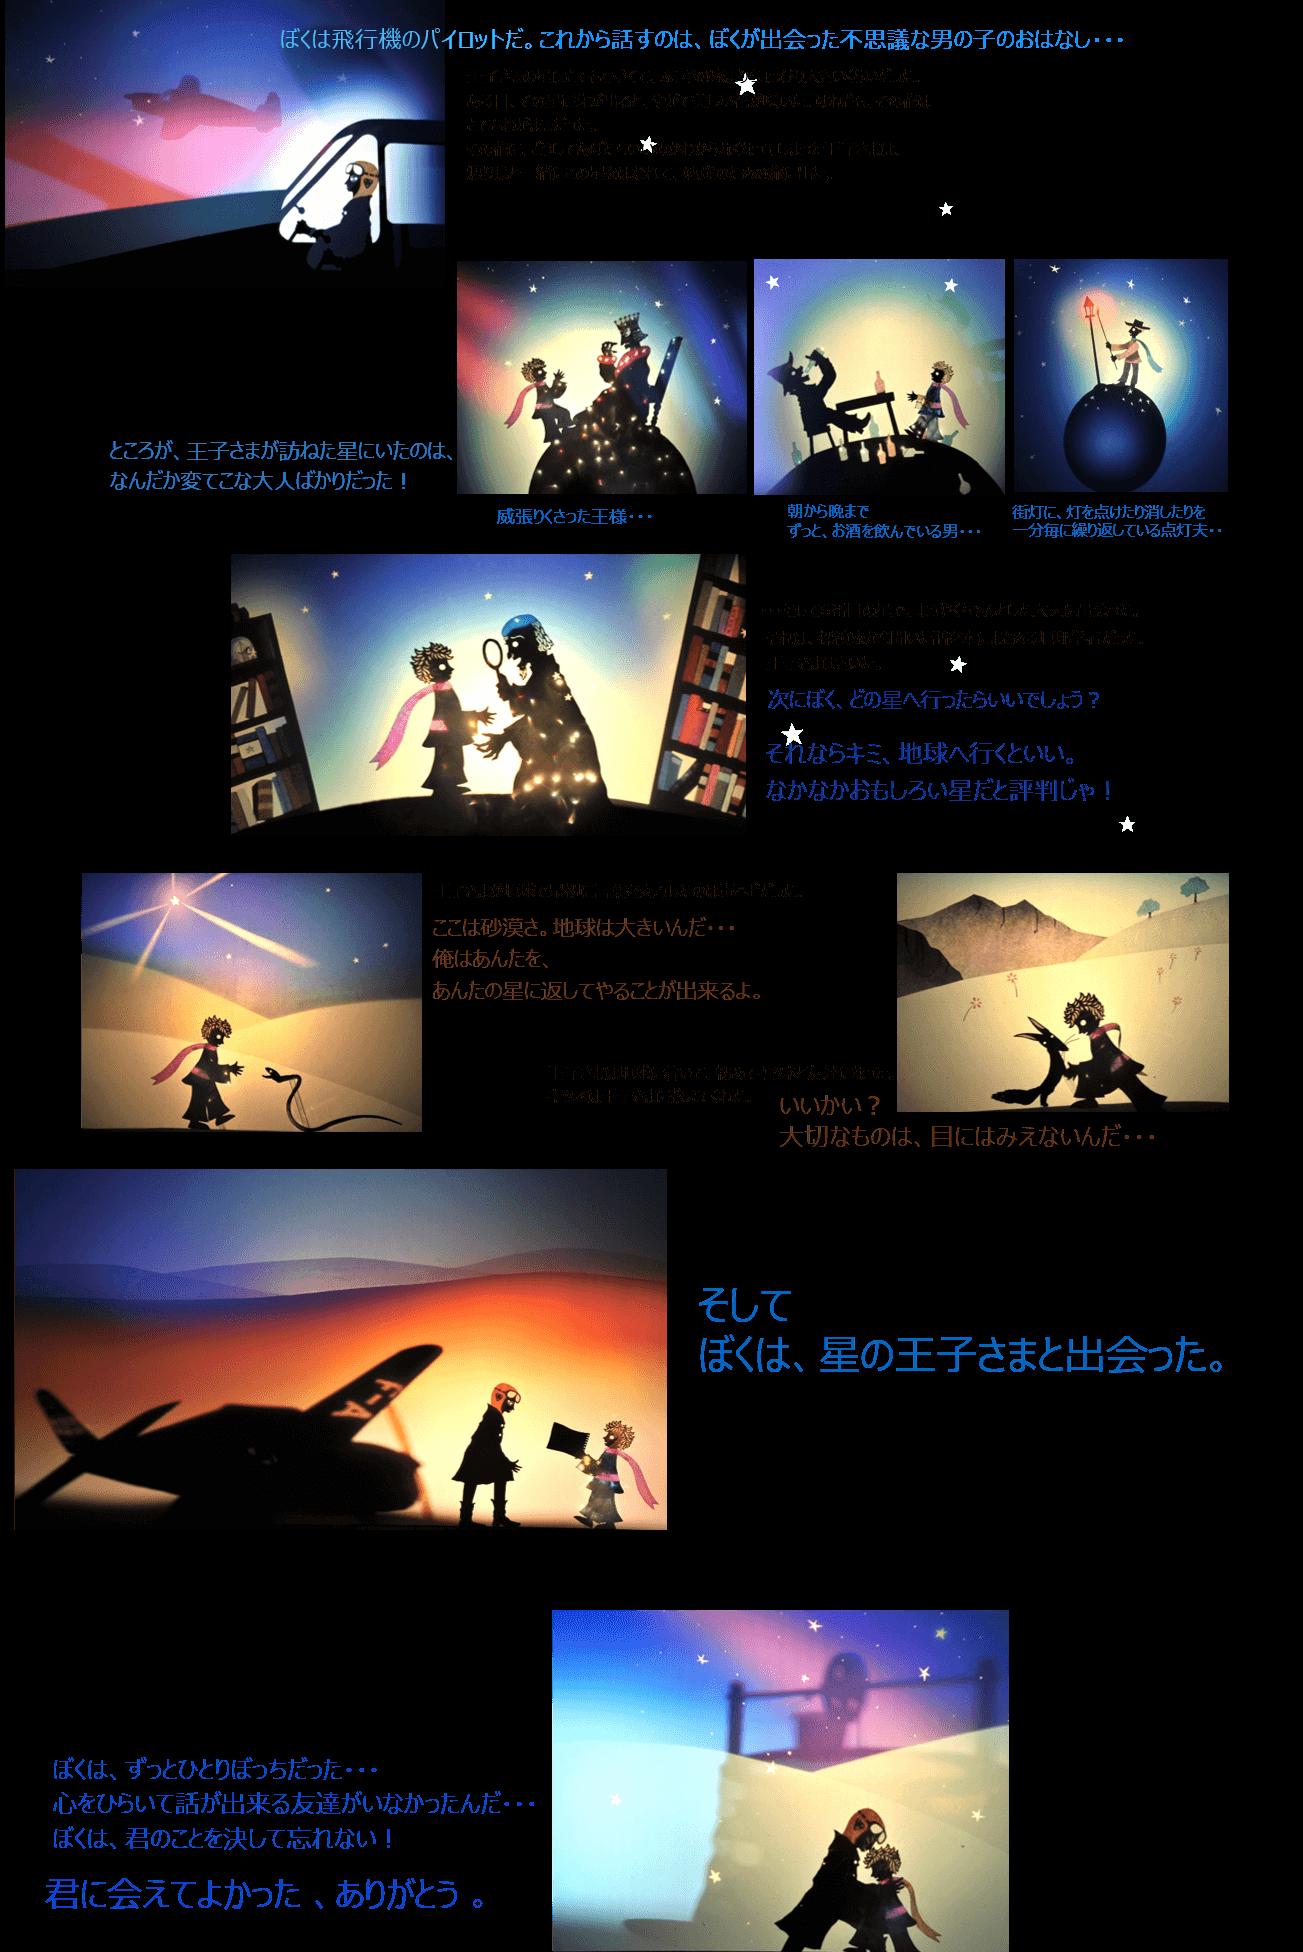 音楽鑑賞教室 星の王子さま 2 (1)